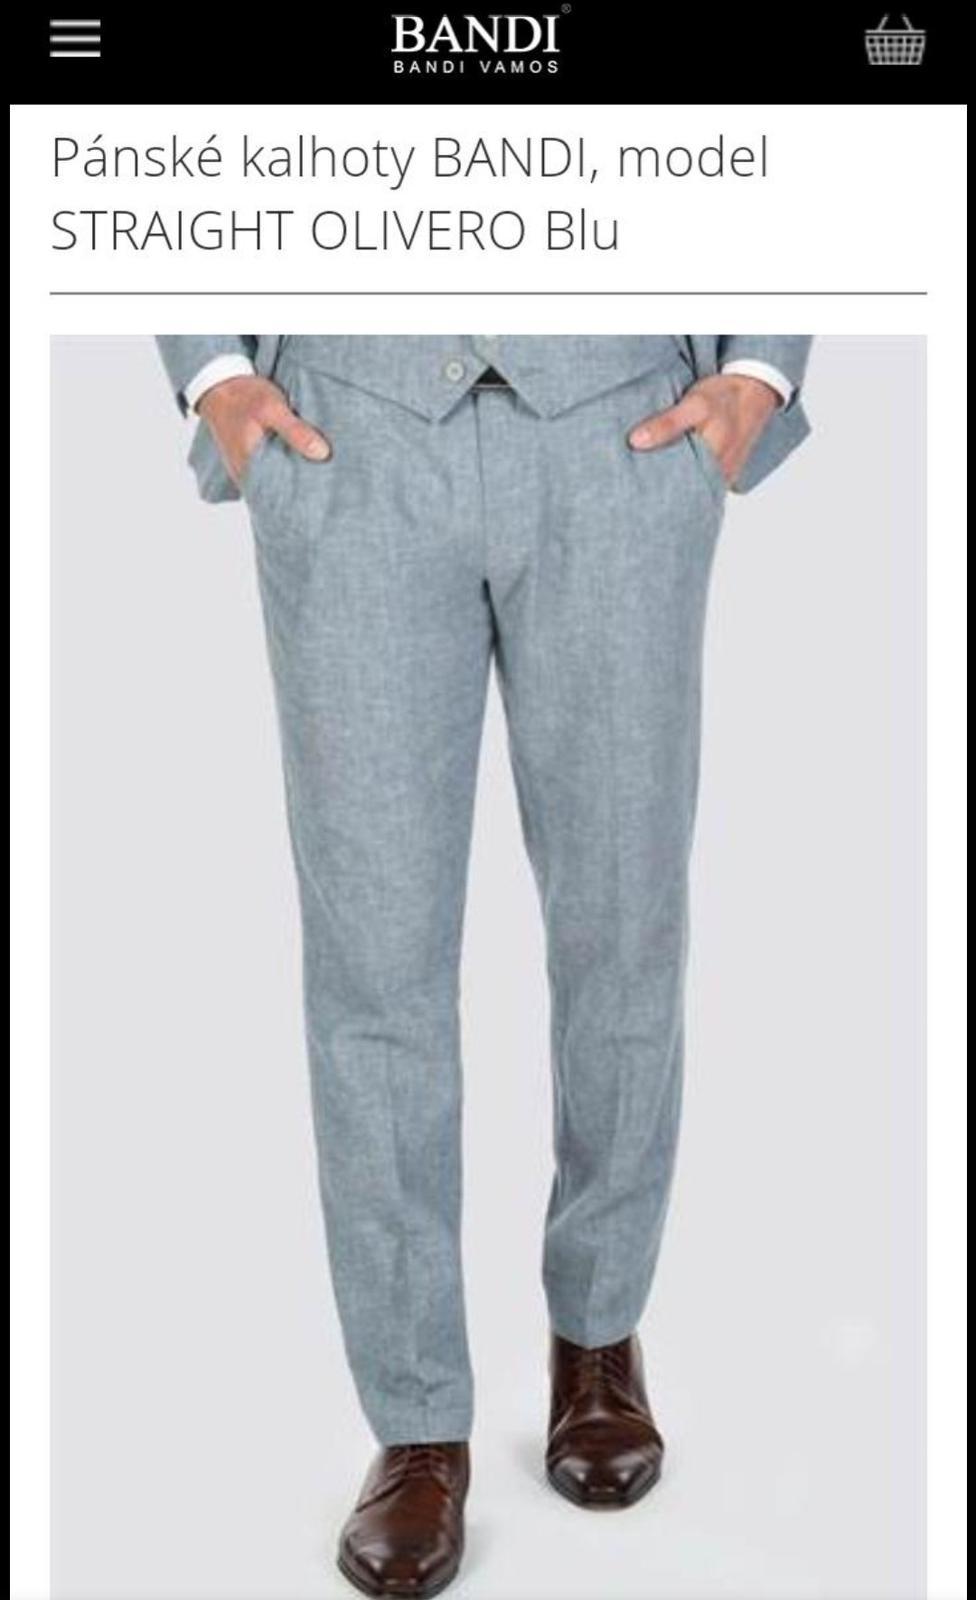 Pánské kalhoty BANDI - Obrázek č. 1